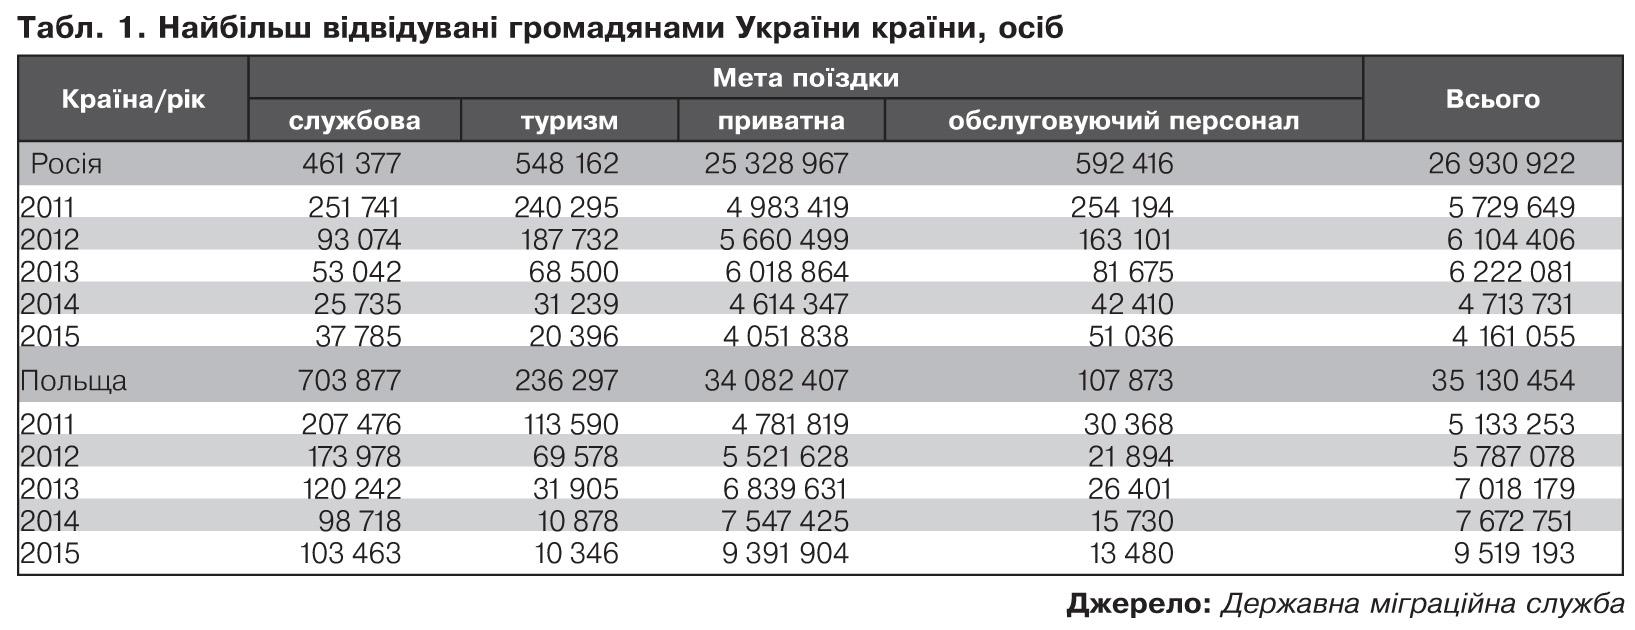 На Росії працюють до 40% трудових мігрантів з України, - ЗМІ - фото 1